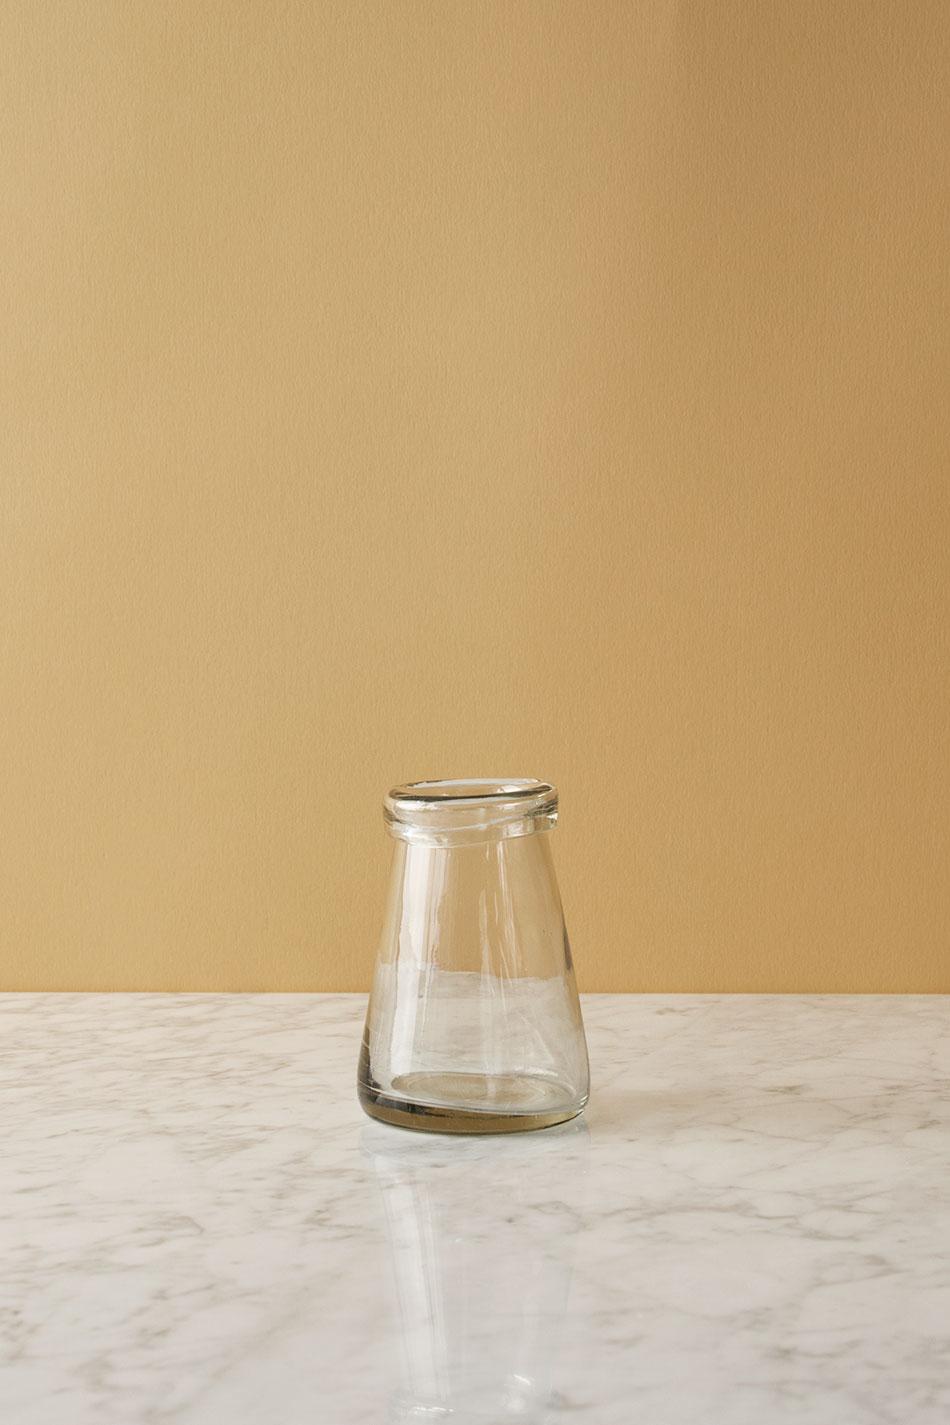 Vas i Handblåst Glas Med Kant